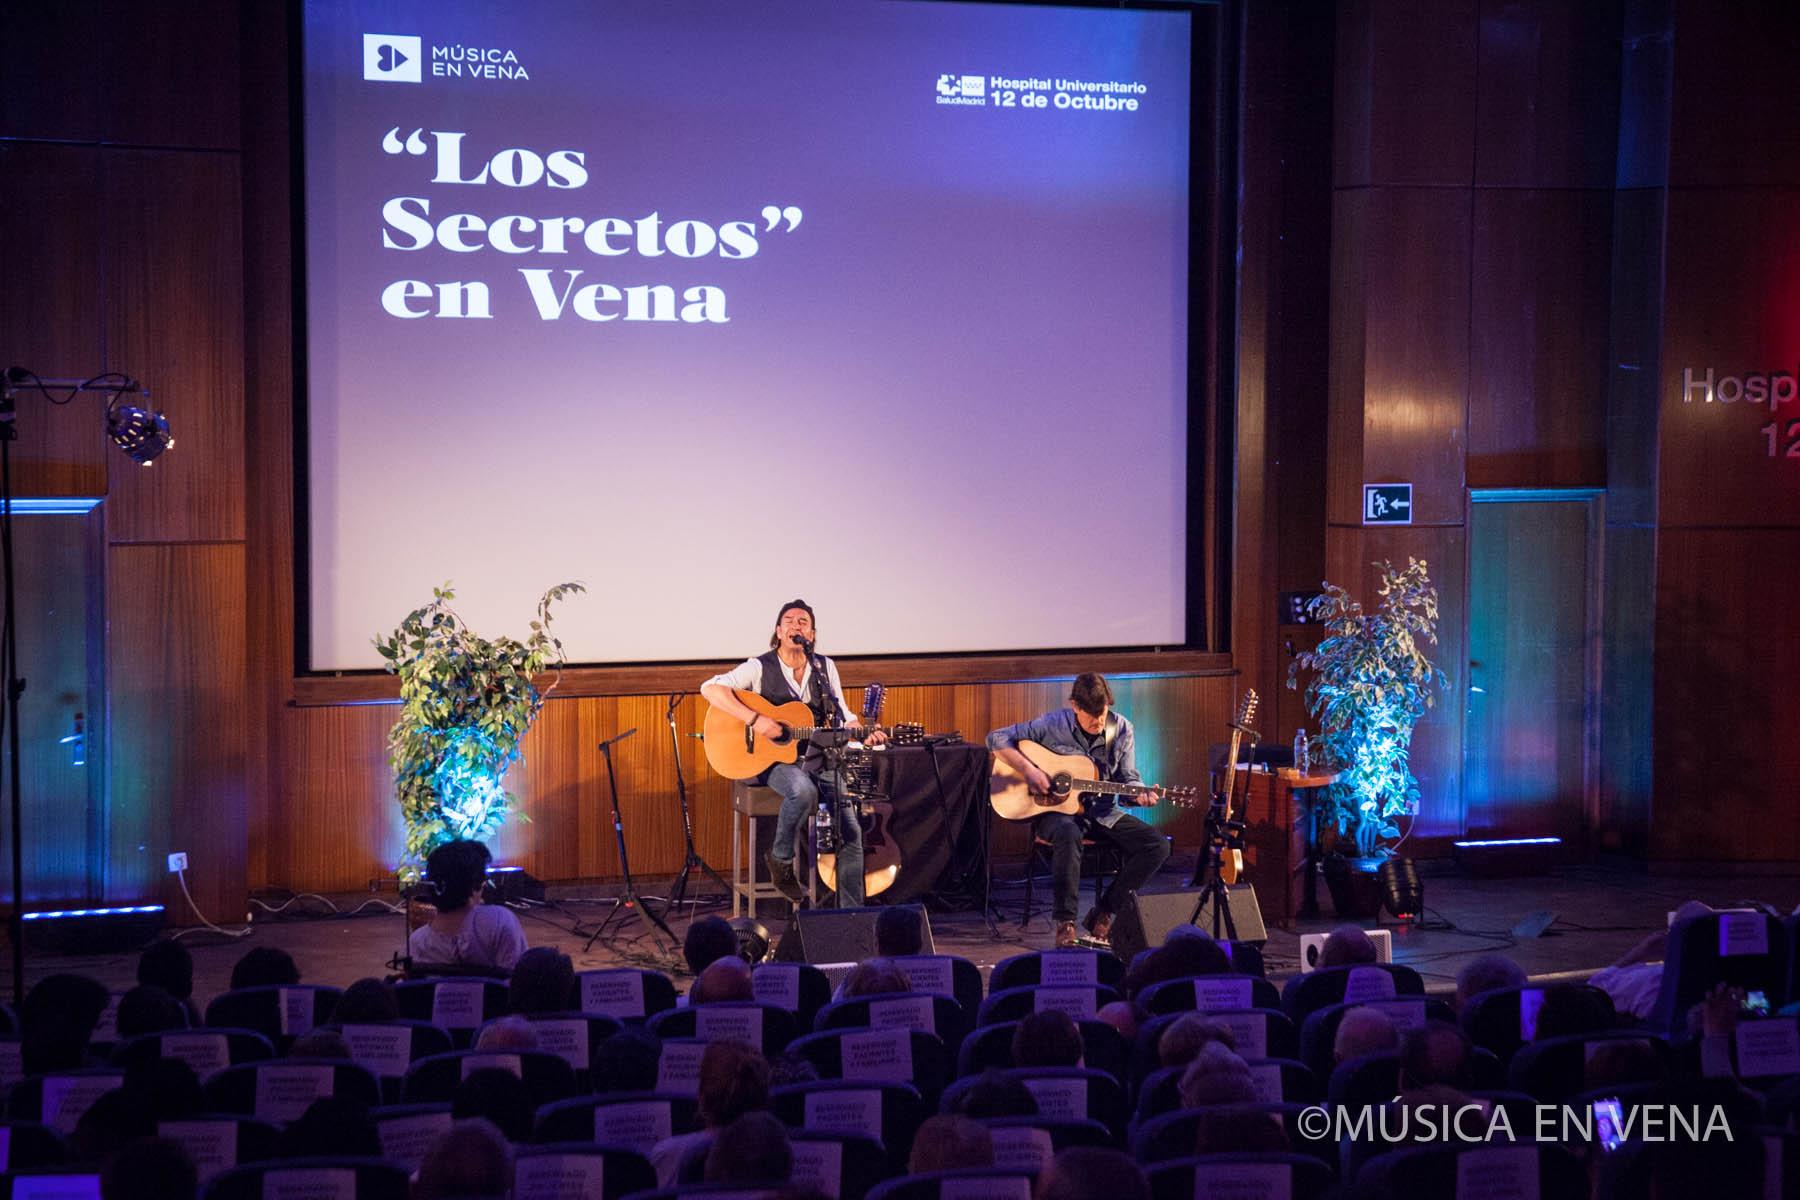 LOS_SECRETOS_EN_VENA_07